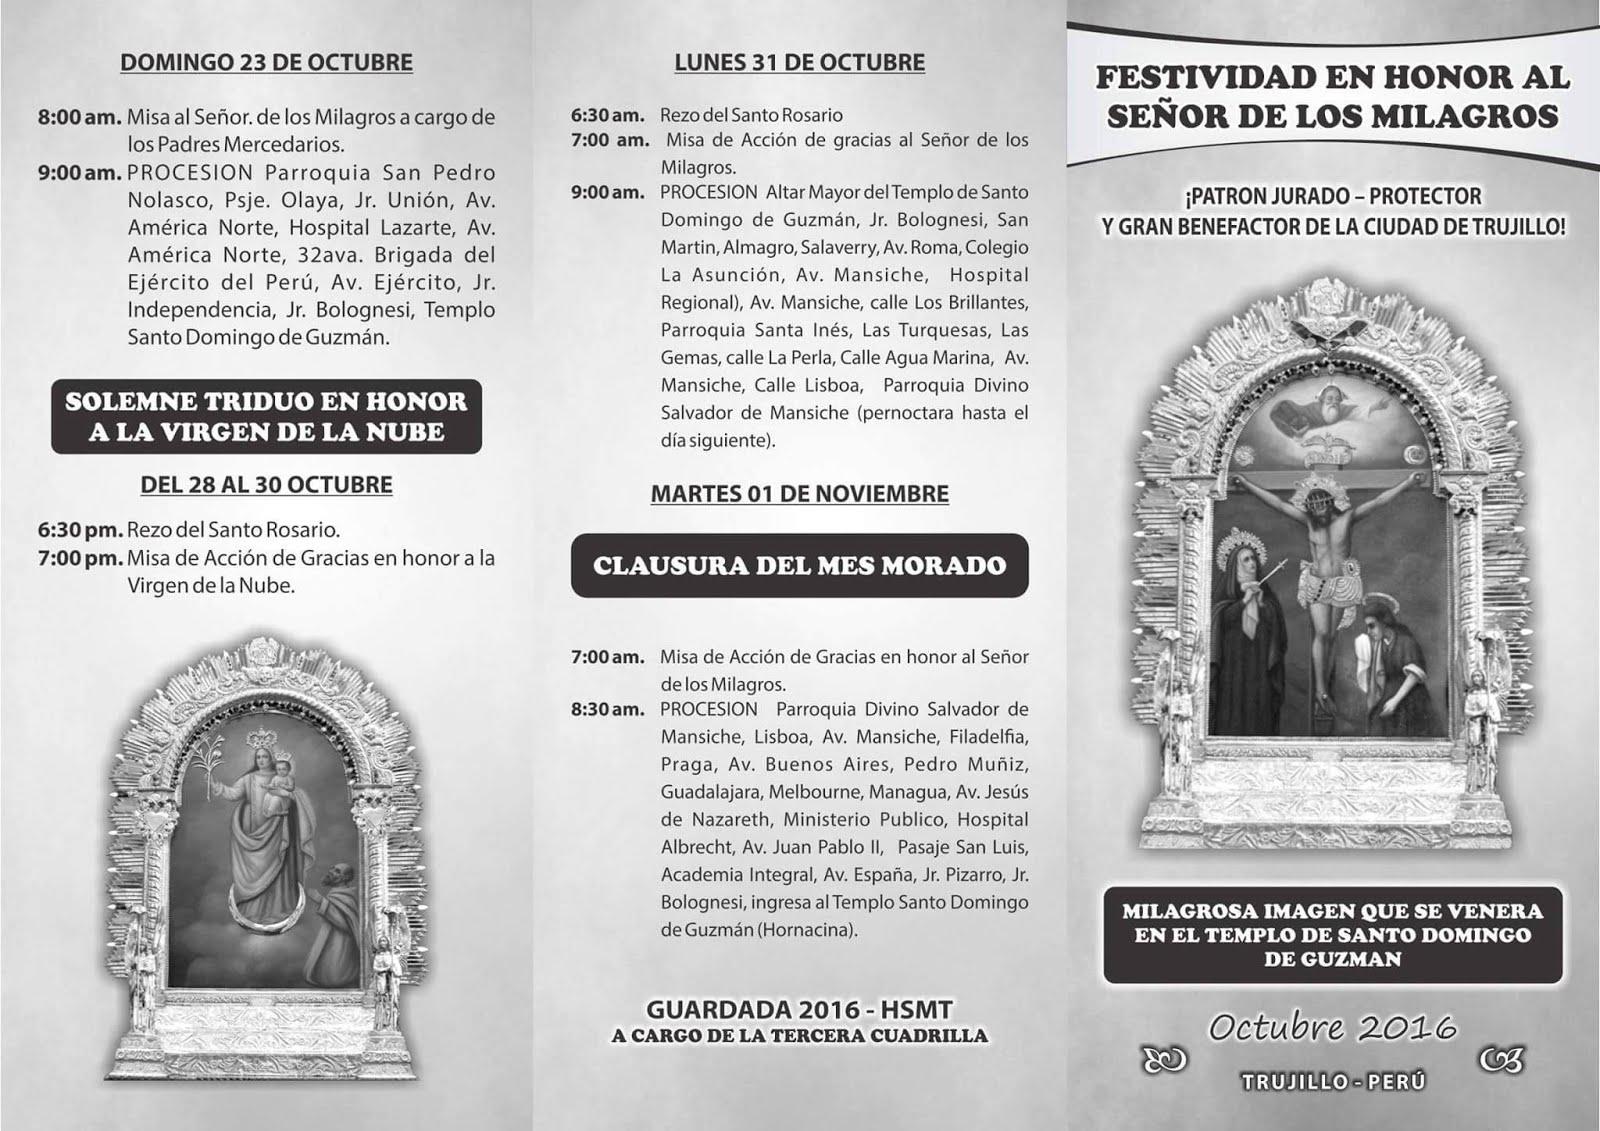 ULTIMO RECORRIDO Y GUARDADA: 01 DE NOVIEBRE DEL 2016